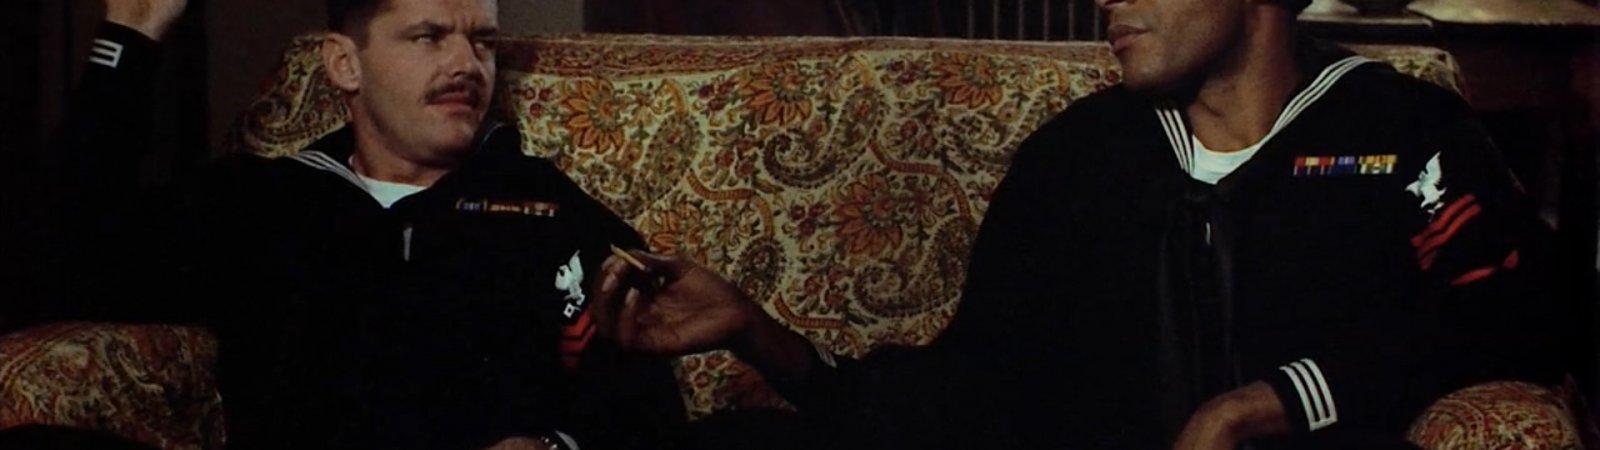 Photo dernier film Jack Nicholson